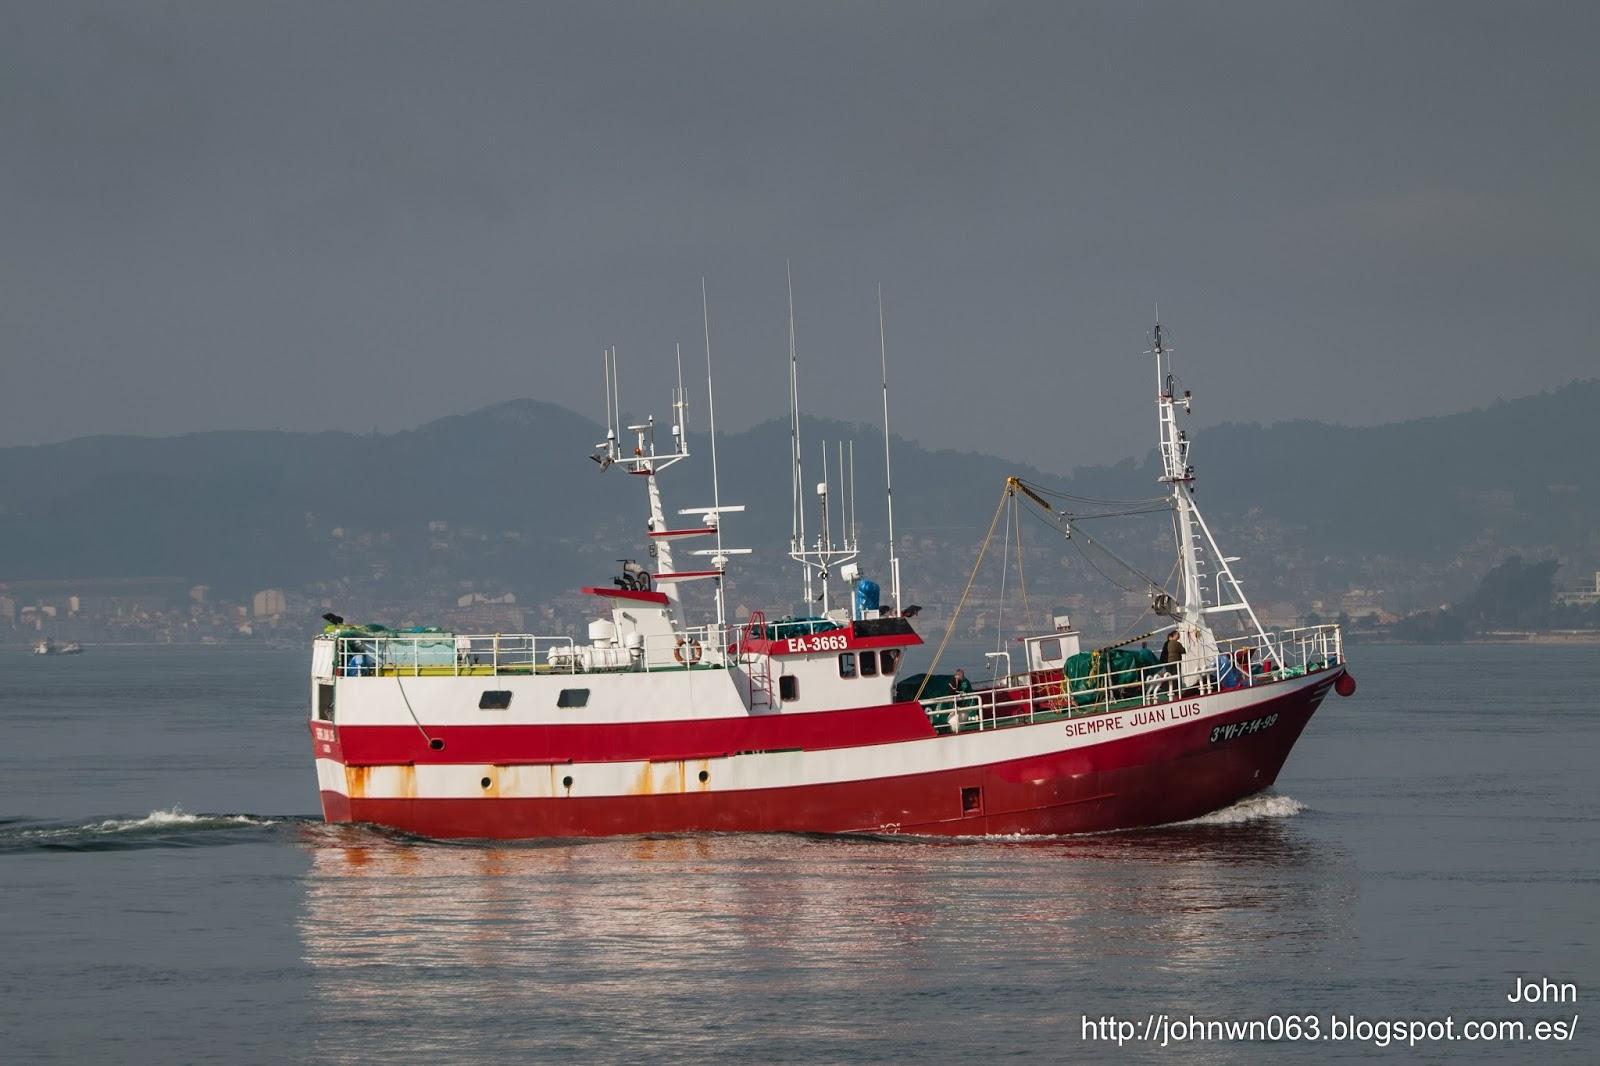 siempre juan luis, a guarda, fotos de barcos, pesquero, vigo